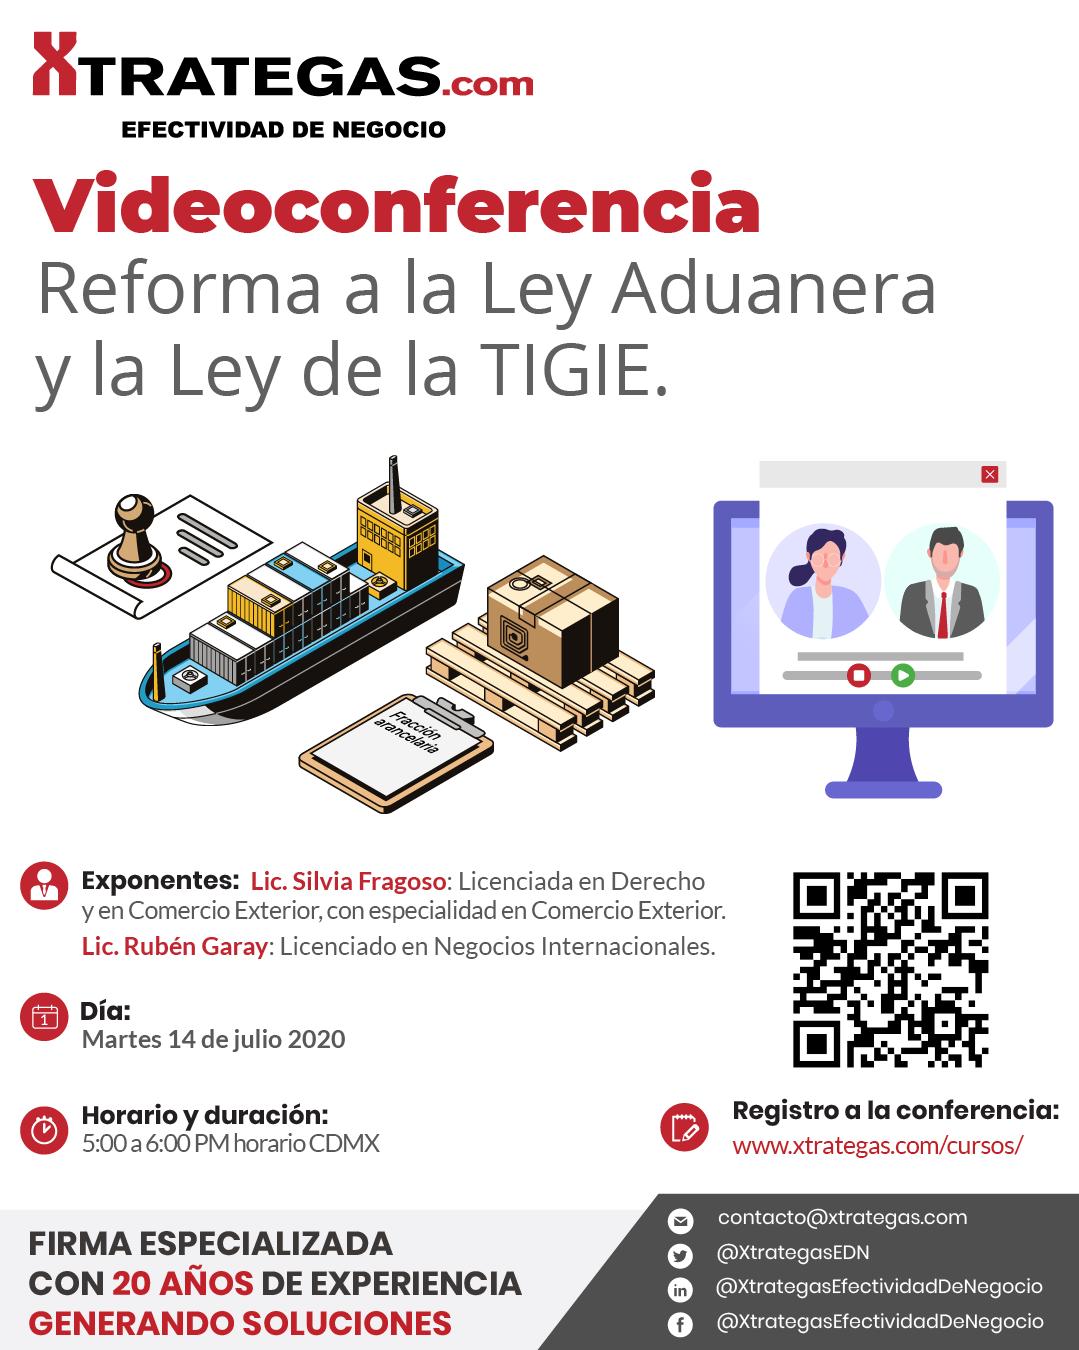 ciclo-de-videoconferencias-xtrategas-julio-2020-14-reforma-a-la-ley-aduanera-y-la-ley-de-la-tigie-2